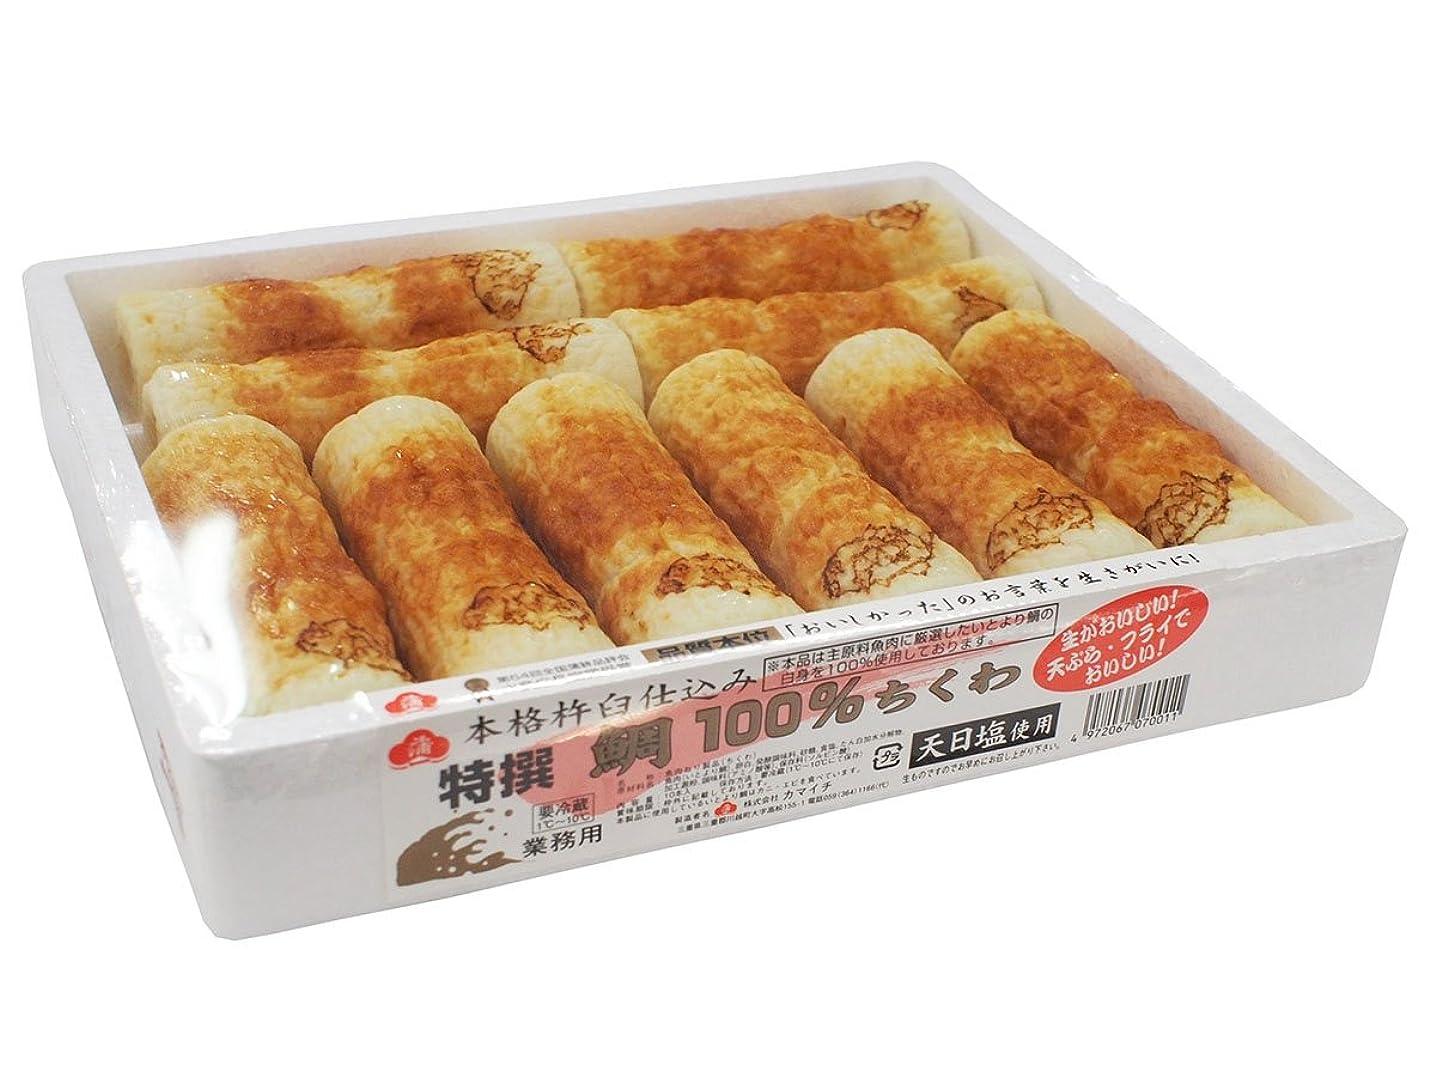 現実的センブランス暴君丸玉水産 炭焼チーズちくわ(丸萬) 1??×10個